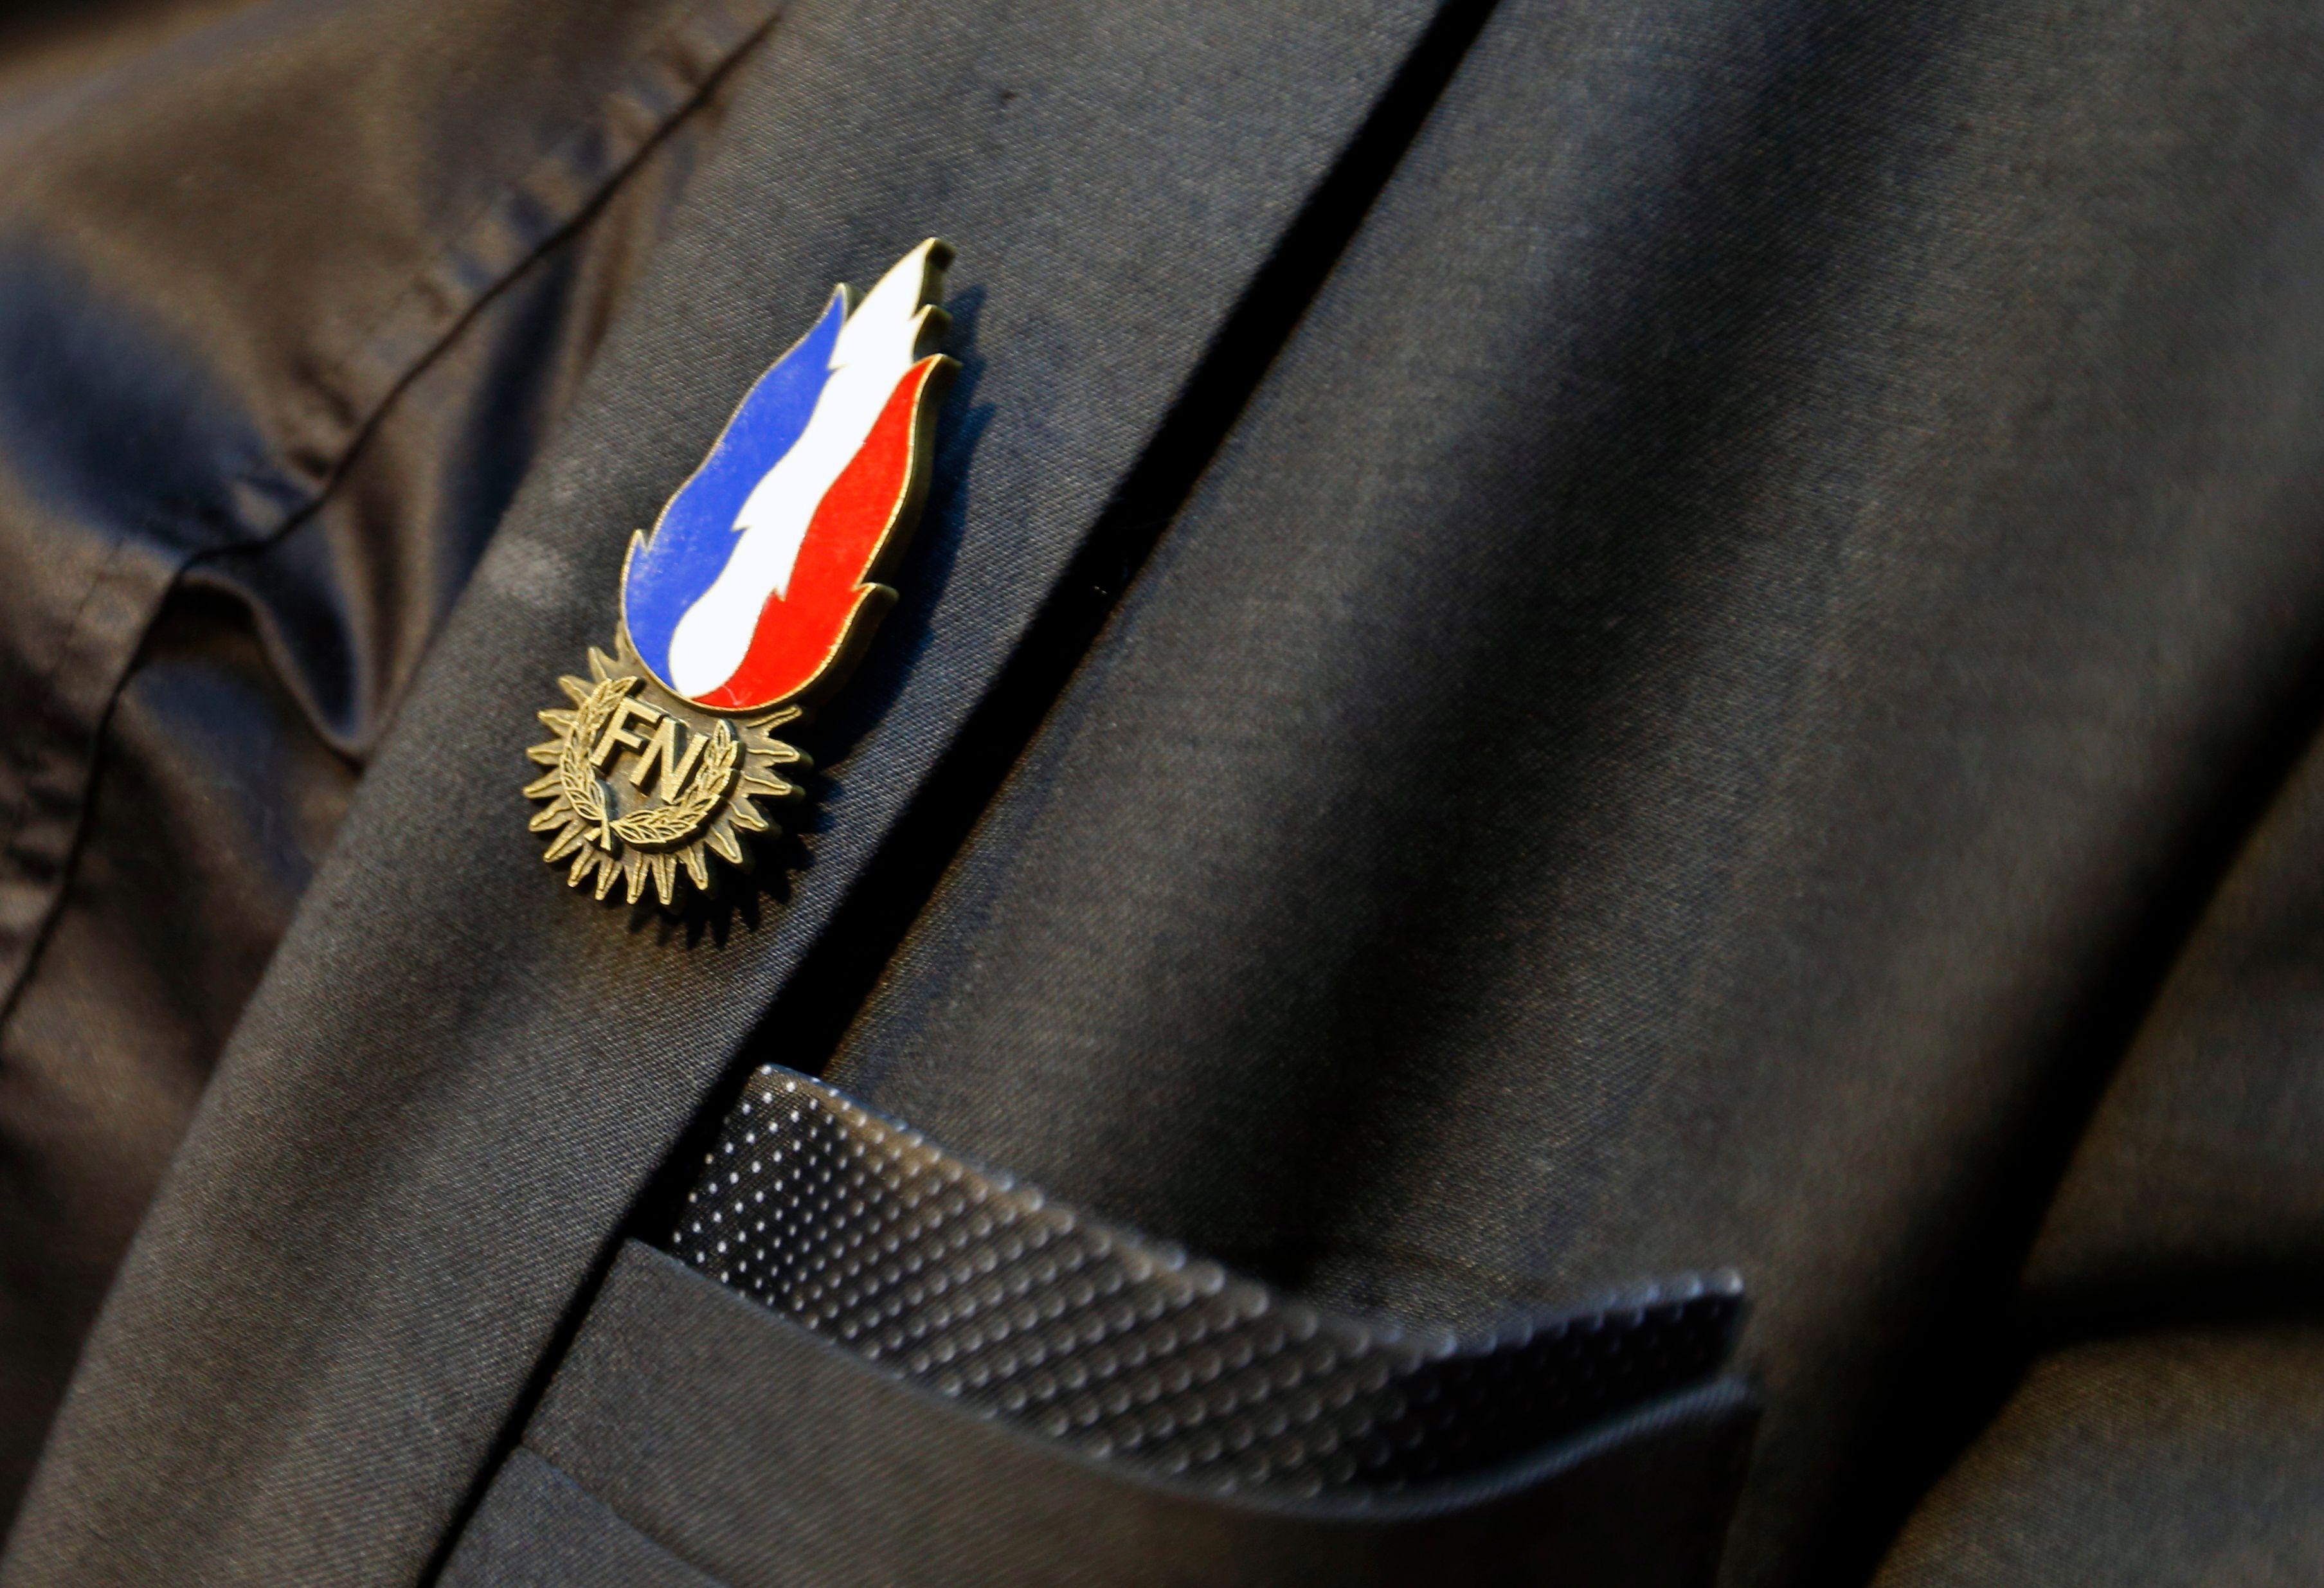 La genèse méconnue du Front national : comment une extrême-droite française en morceaux au lendemain de l'Occupation a pu sortir de la marginalité